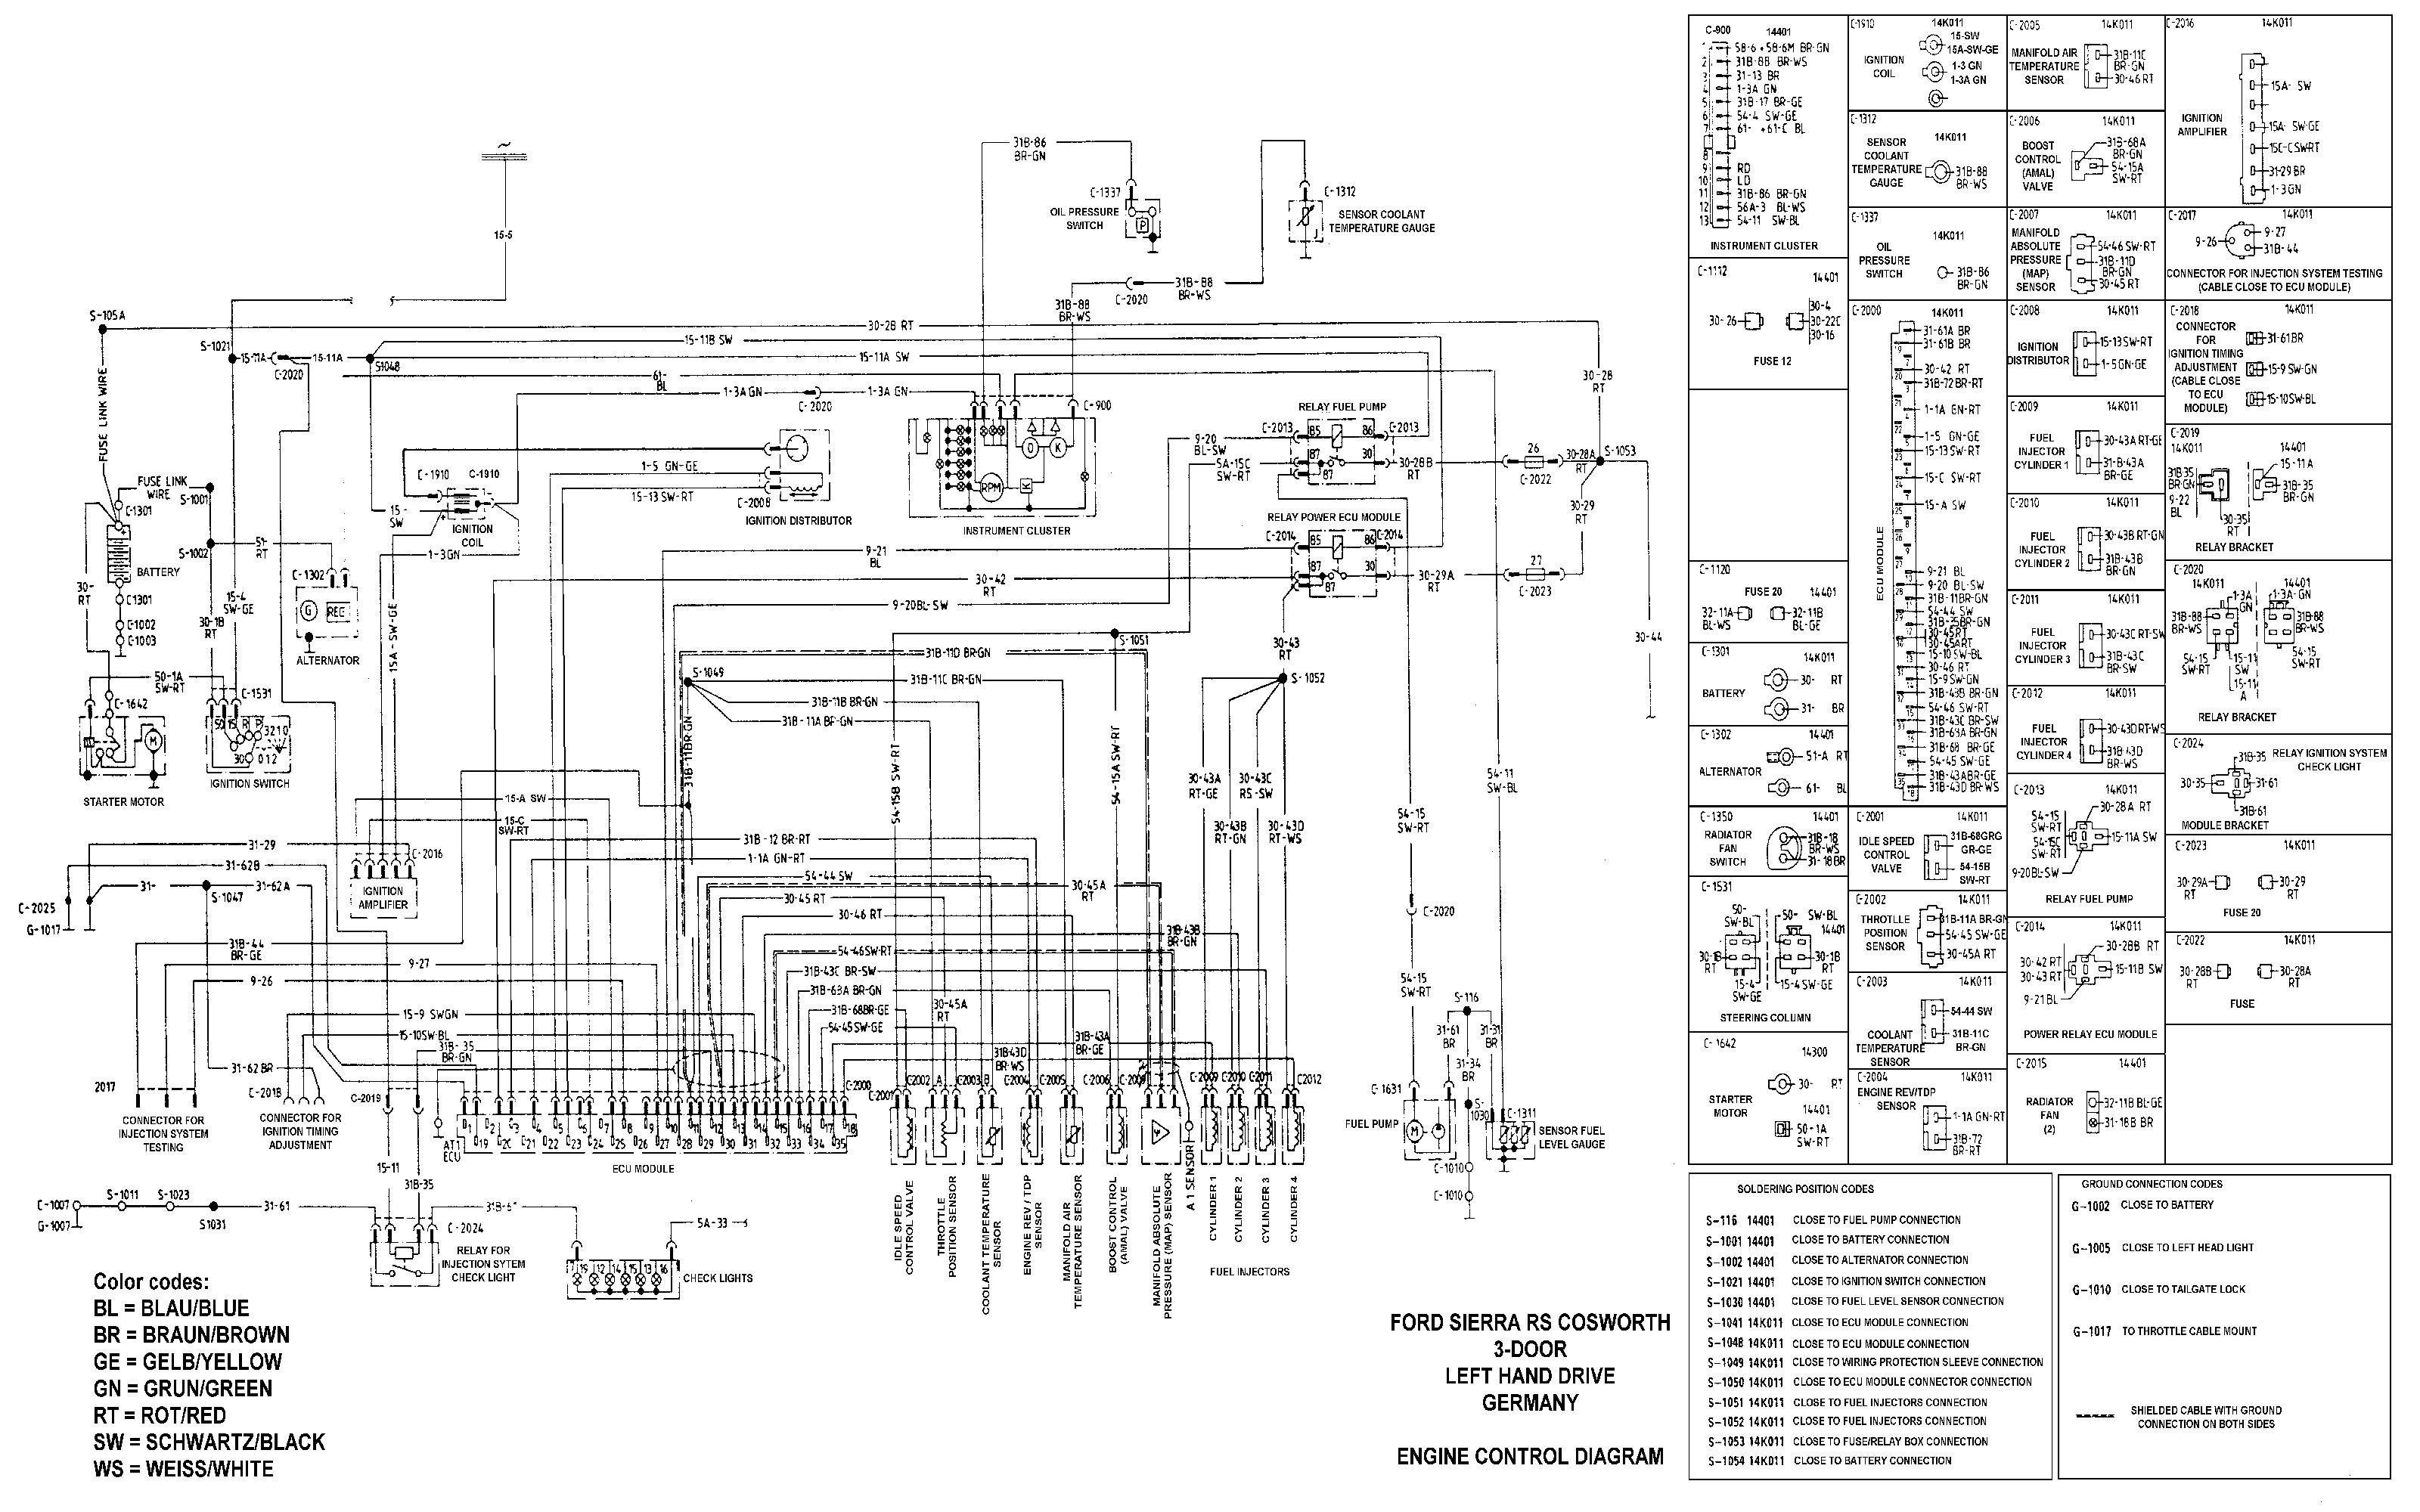 2016 Dodge Ram 1500 Wiring Schematics ford Fusion Uk Wiring Diagram Of 2016 Dodge Ram 1500 Wiring Schematics